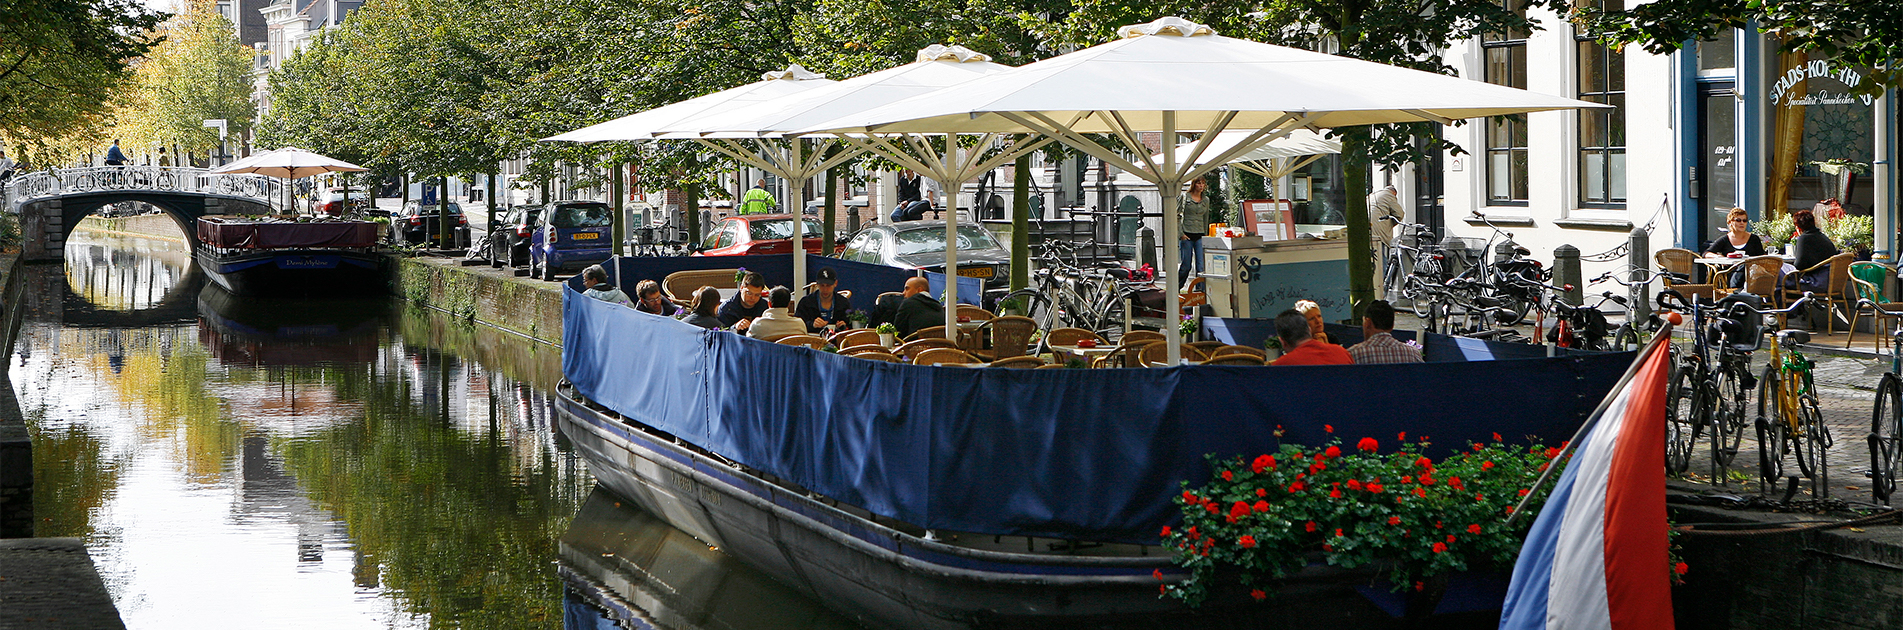 Flydende restaurant på kanal ved Amsterdam